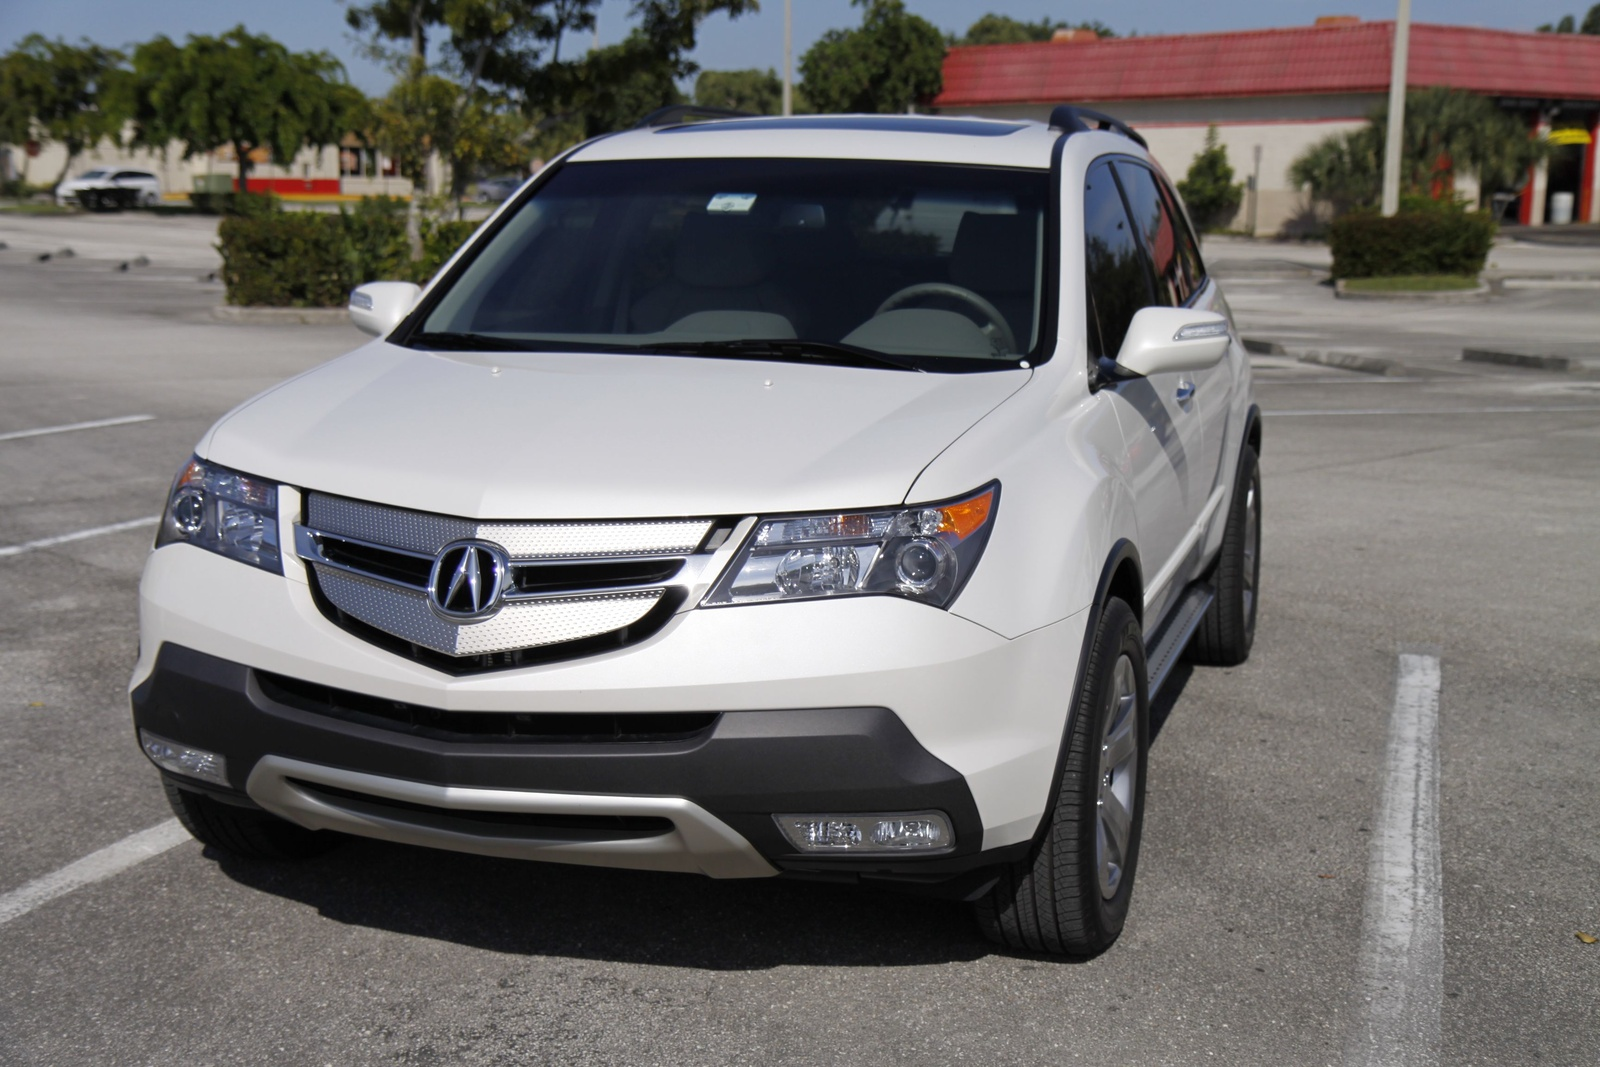 2008 Acura Mdx Image 16